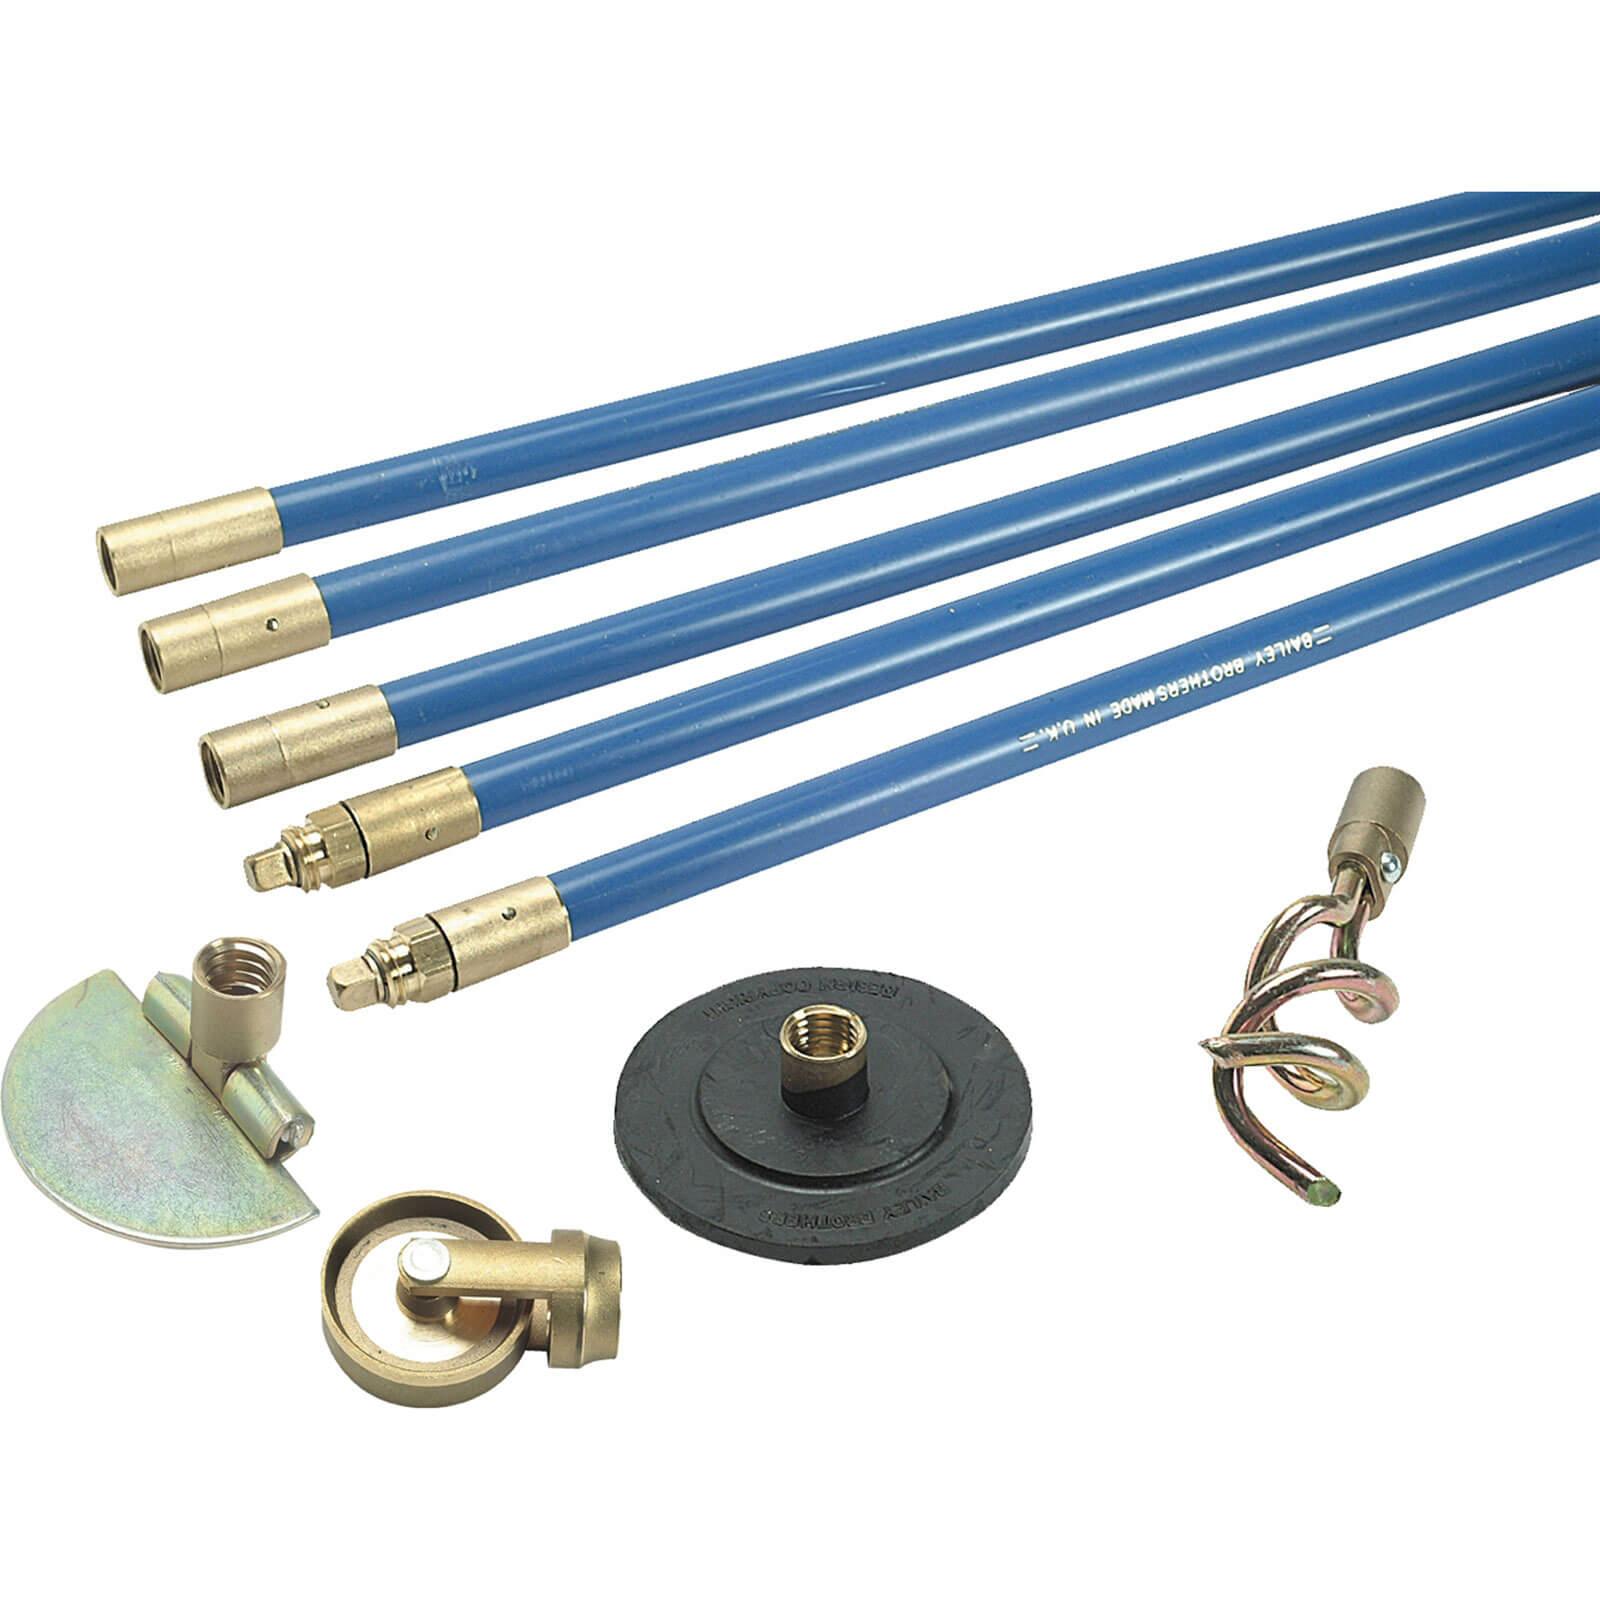 """Bailey 1324 L/F 3/4"""" Drain Rod Set 4 Tools"""